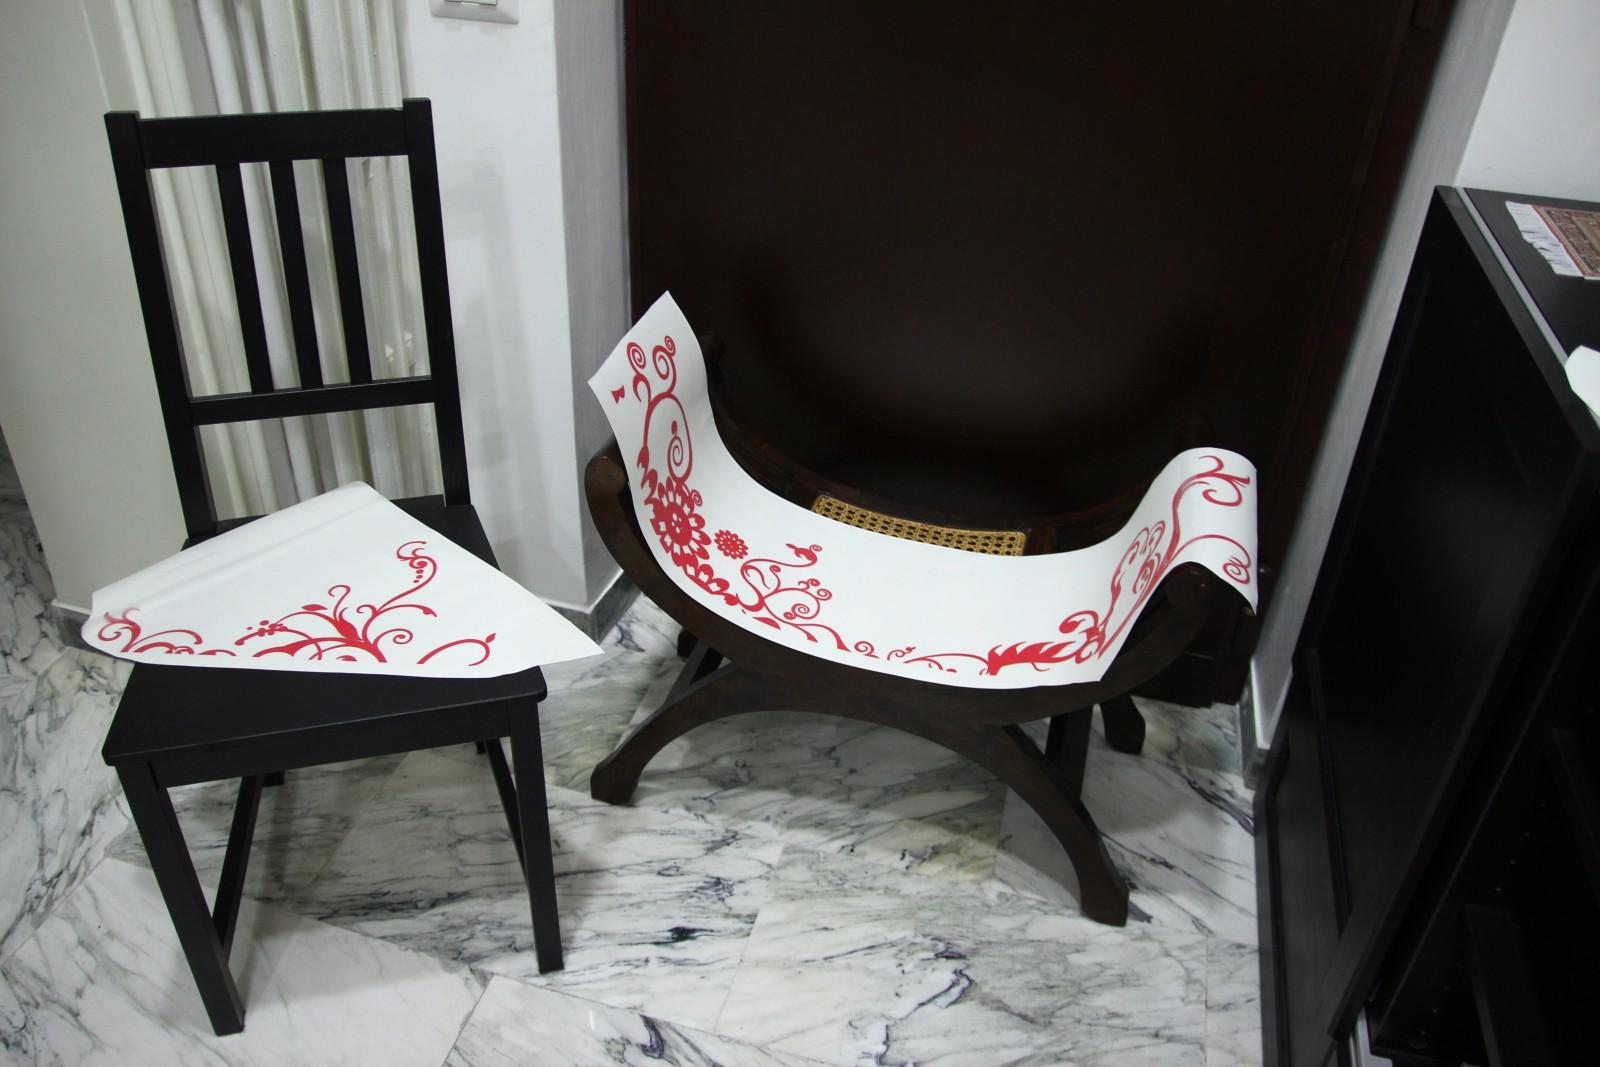 Specchio Adesivo Rotolo Ikea eri+gg: francesismi 2: decorazioni attorno allo specchio